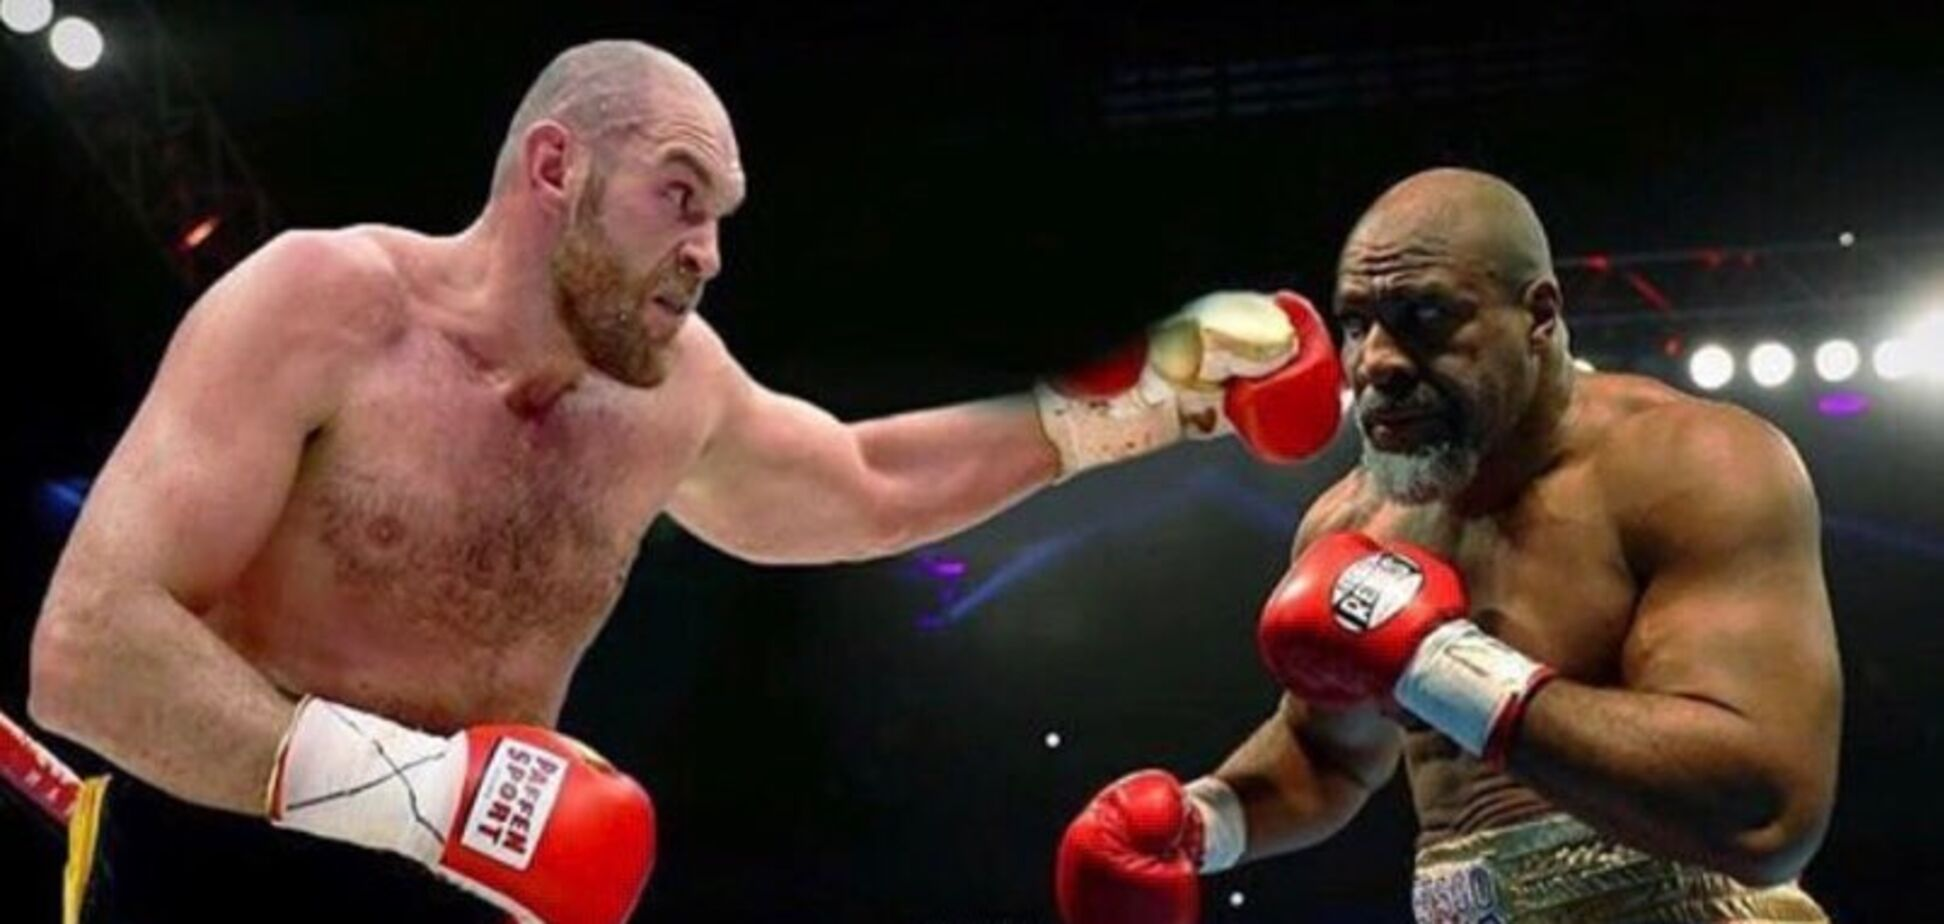 'В больницу': экс-чемпион мира сделал унизительное заявление о Тайсоне